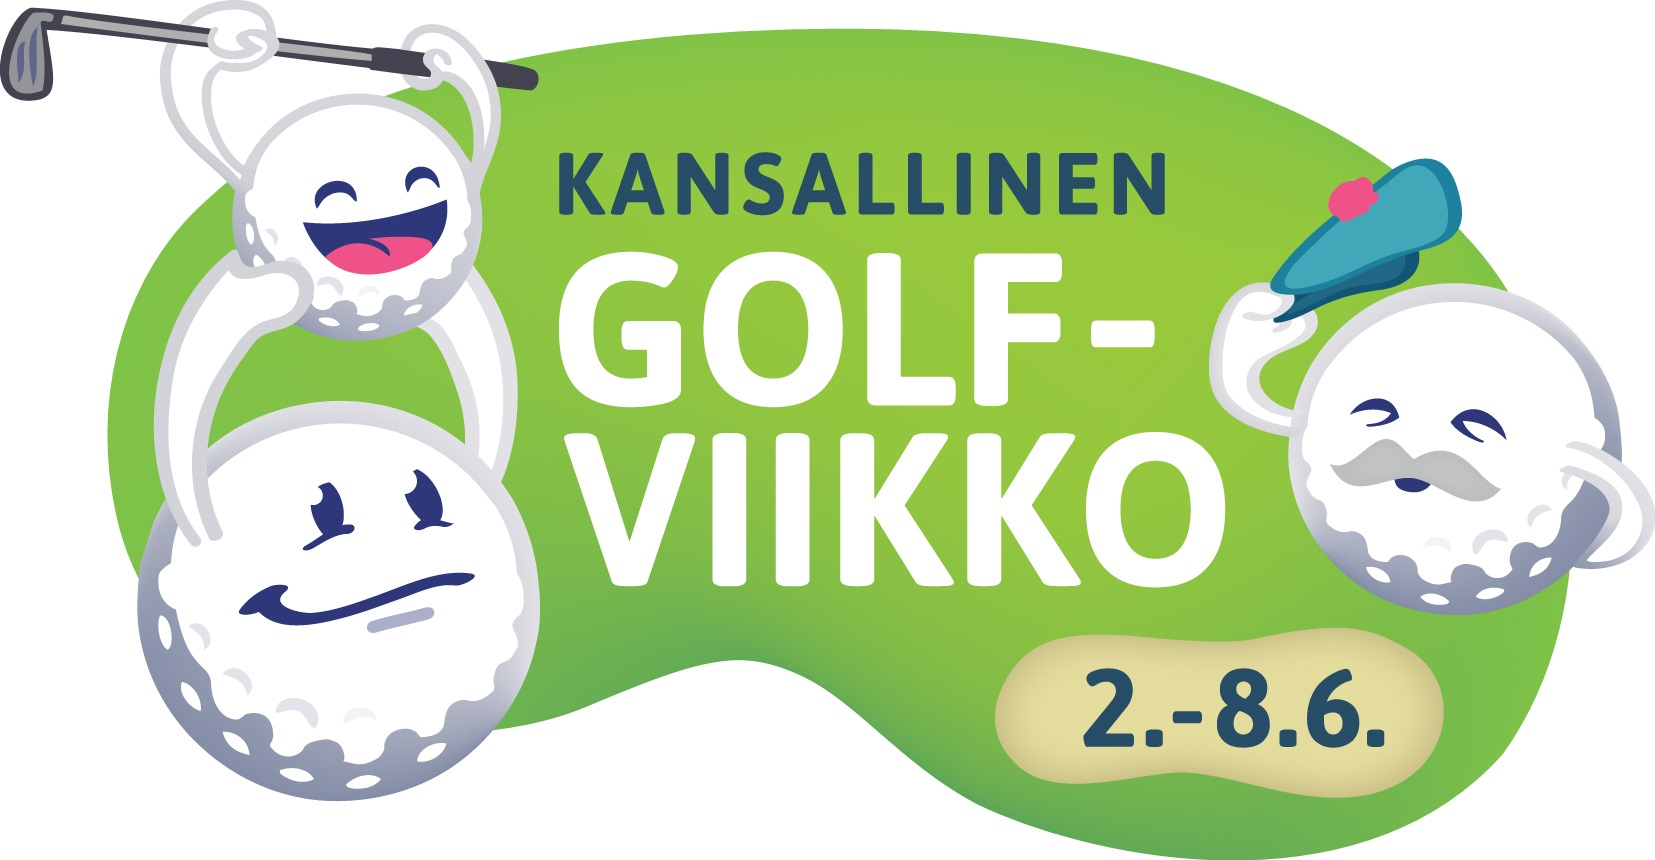 Kansallinen_ golfviikko2014_logo_RGB